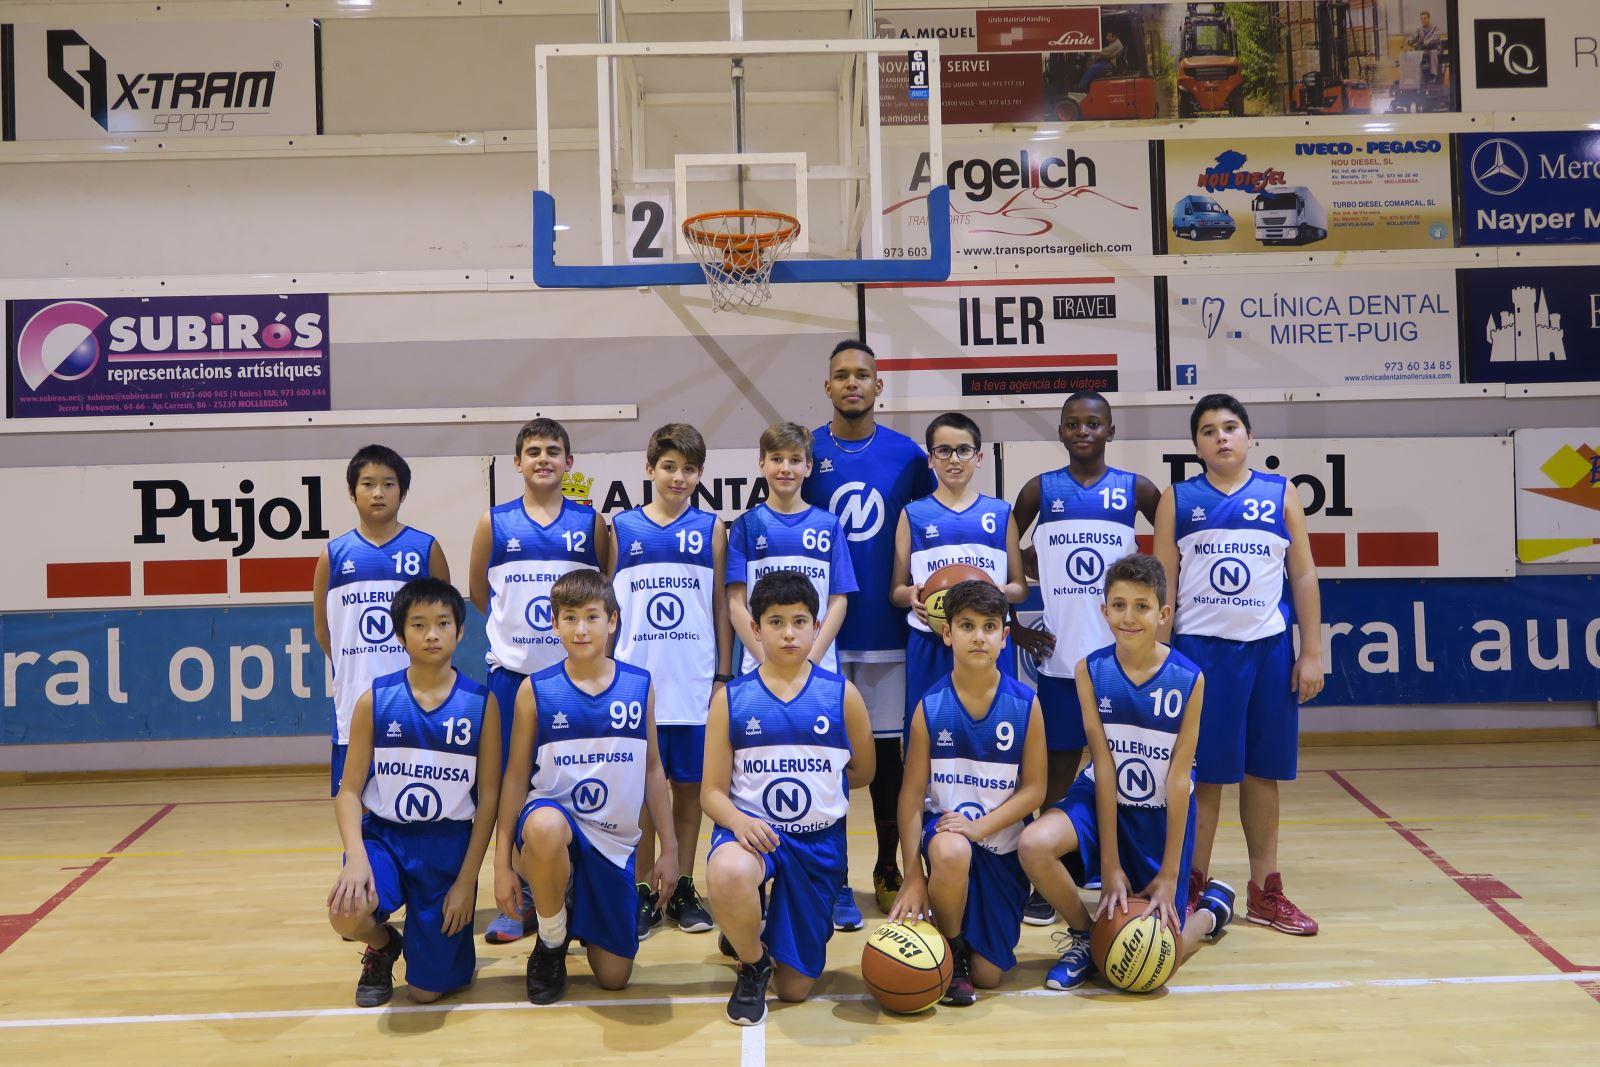 Torrons Vicens Forca Lleida vs CB Mollerussa Bellvís